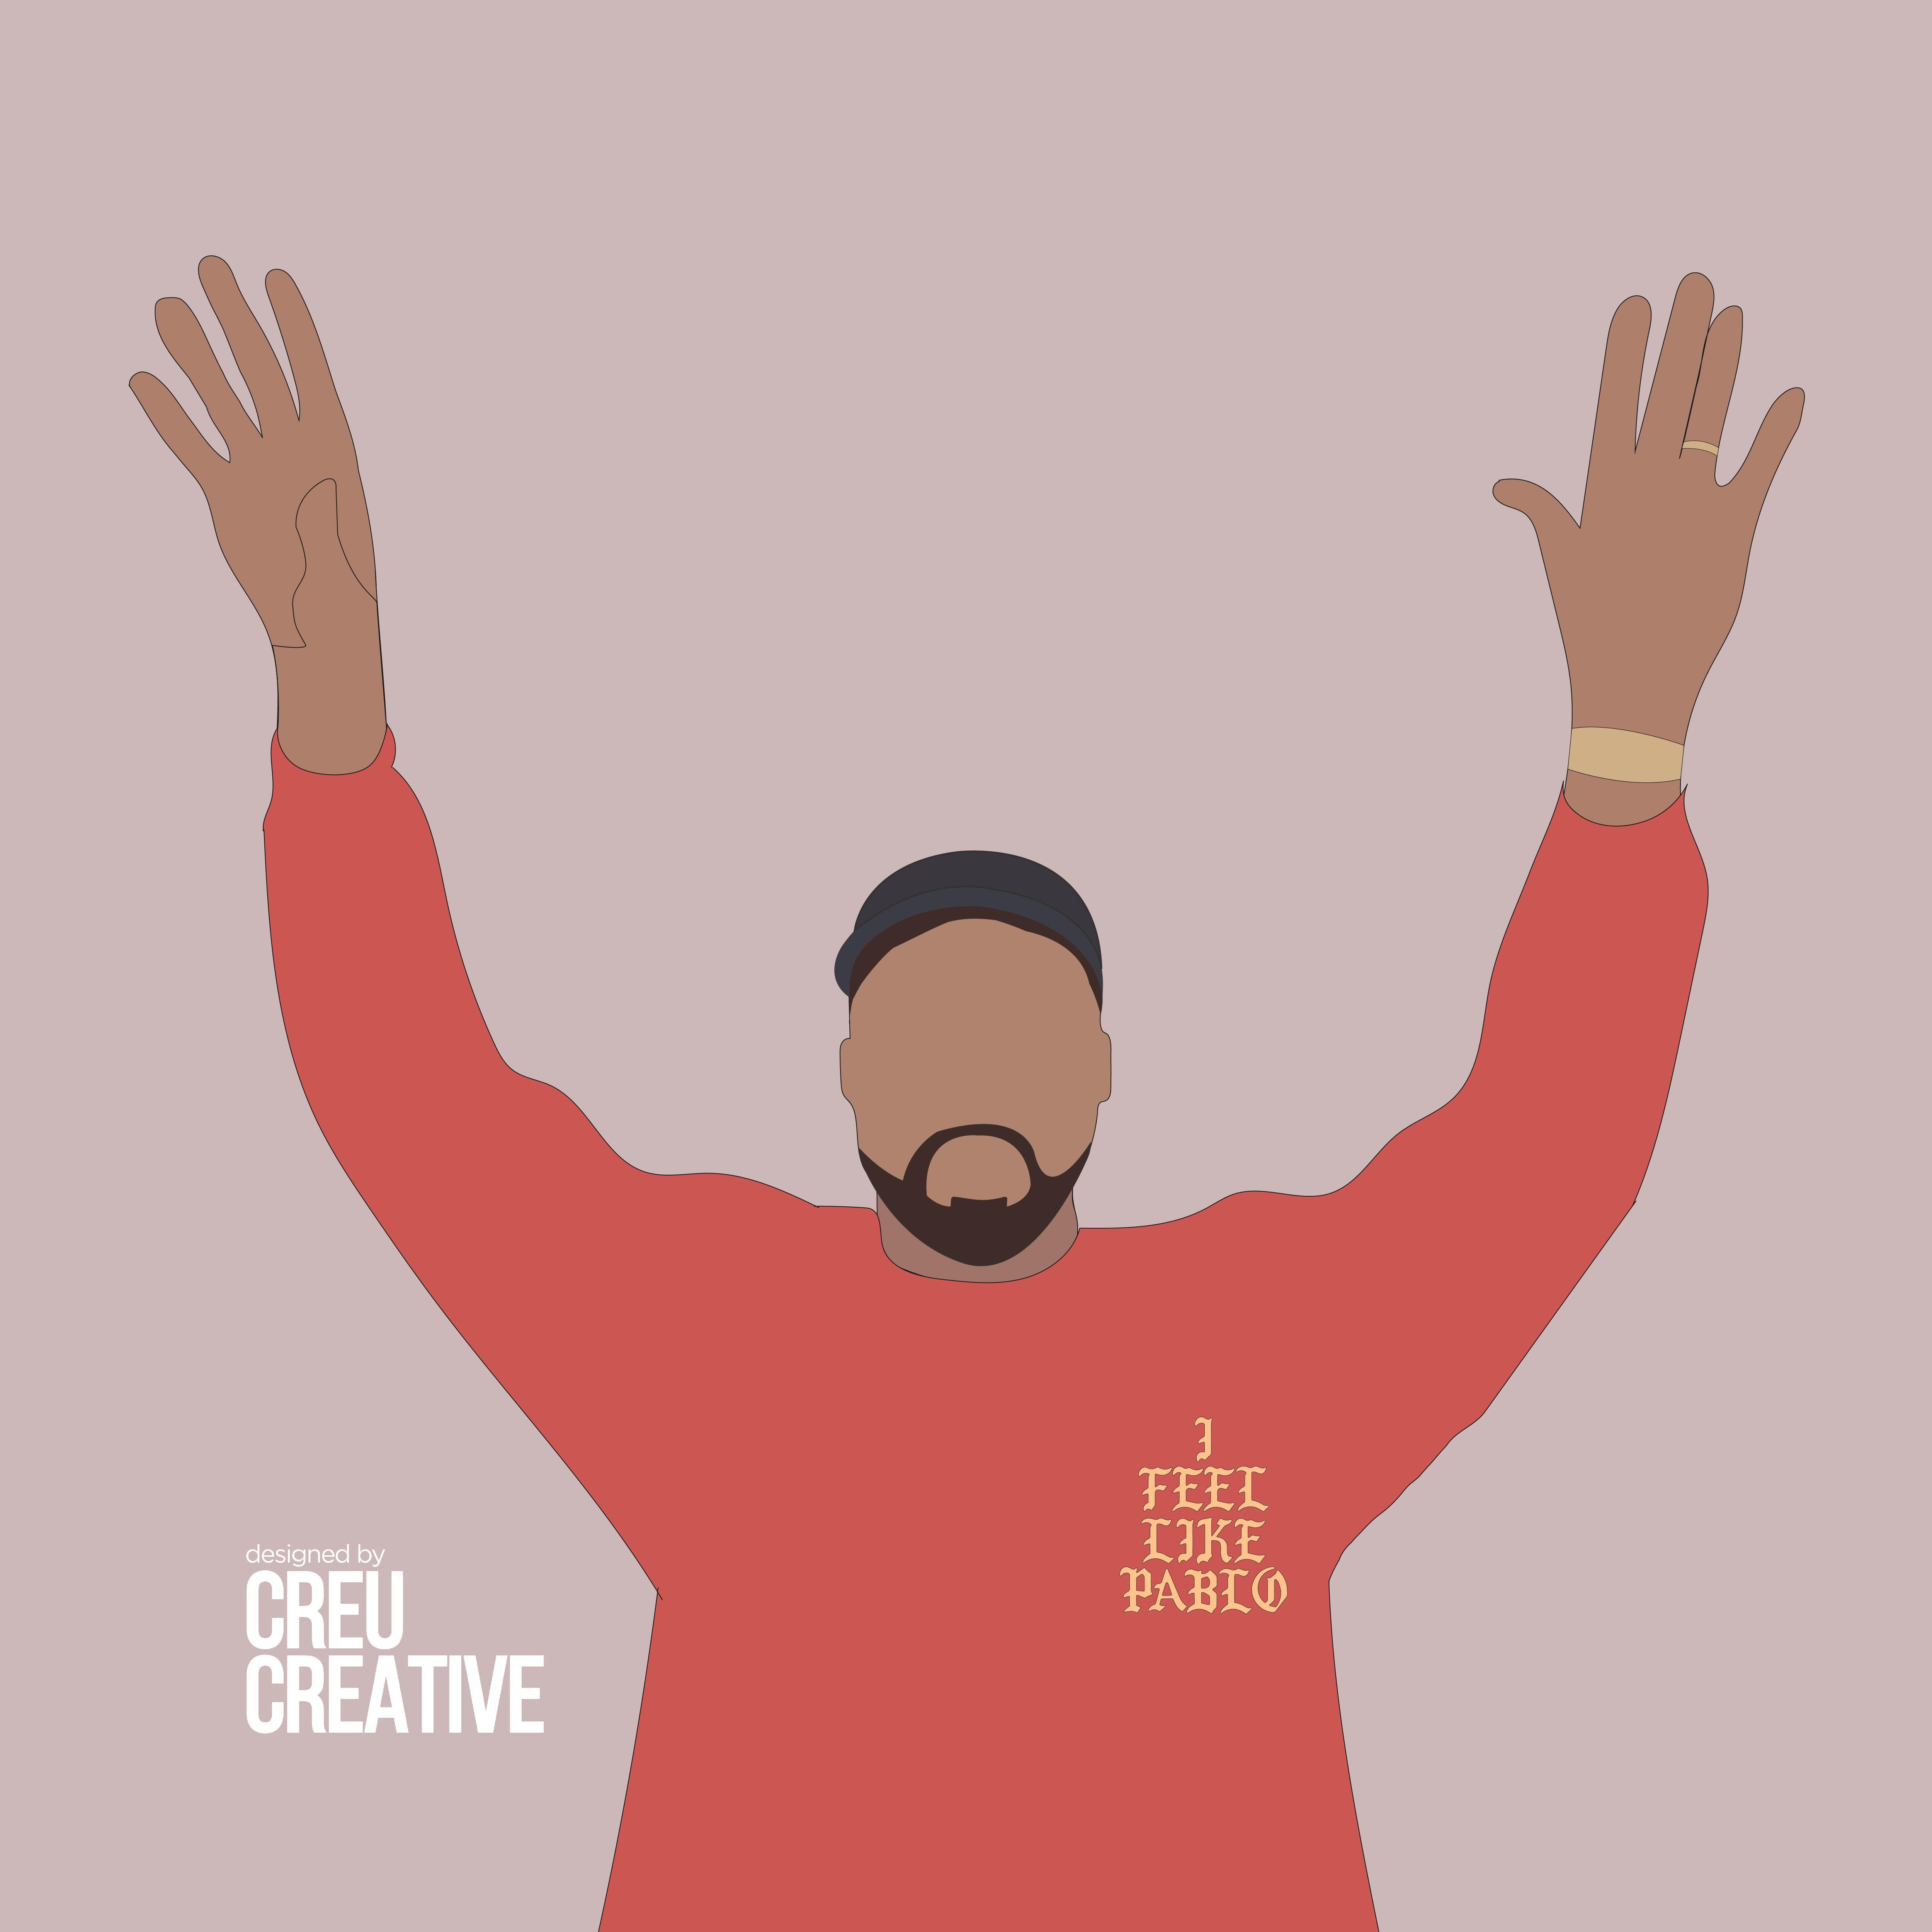 Kanye West Illustration I Feel Like Pablo Kanye West Painting West Art Illustration